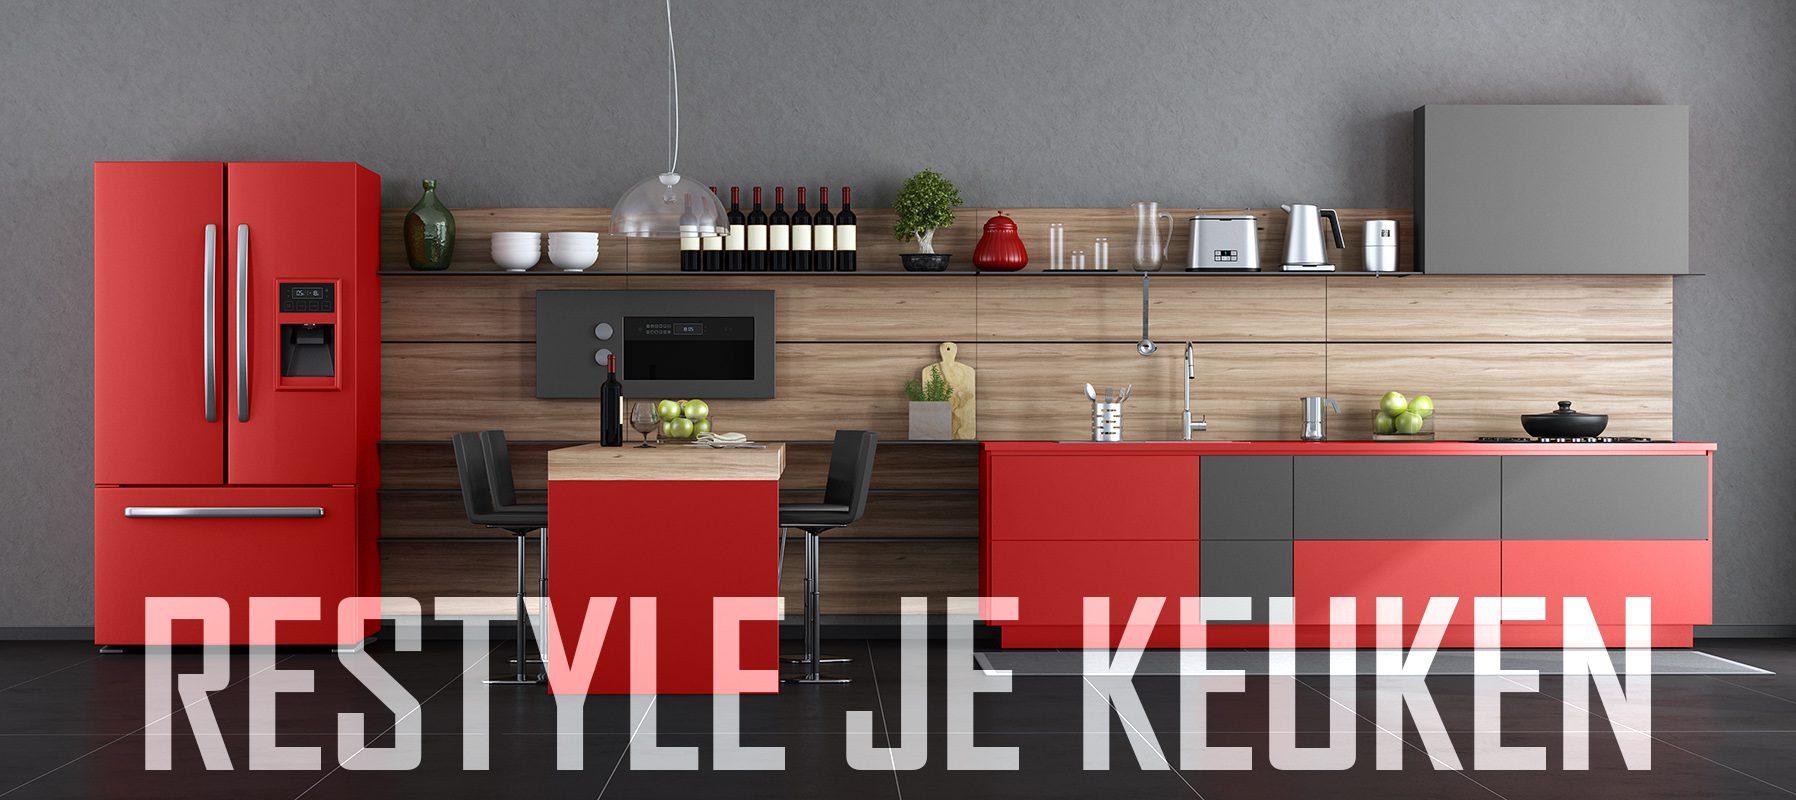 festa restyle je keuken